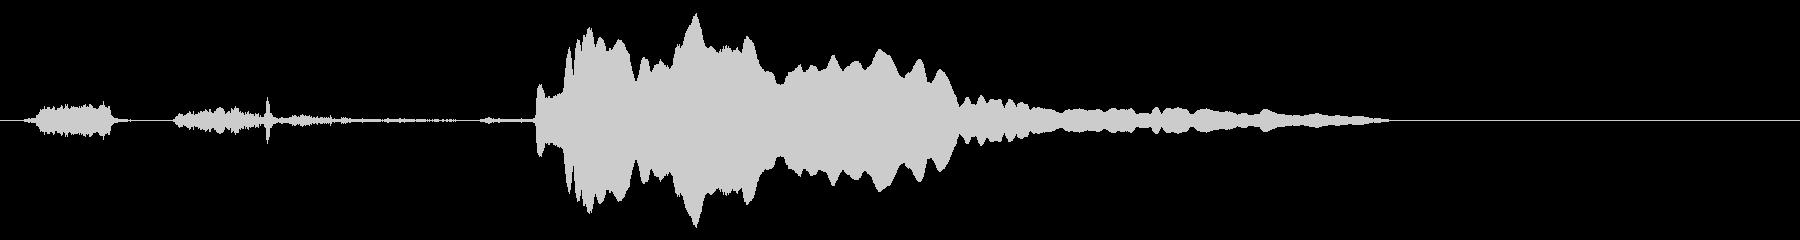 寂しい時のトイプードルの鳴き声3【犬】の未再生の波形